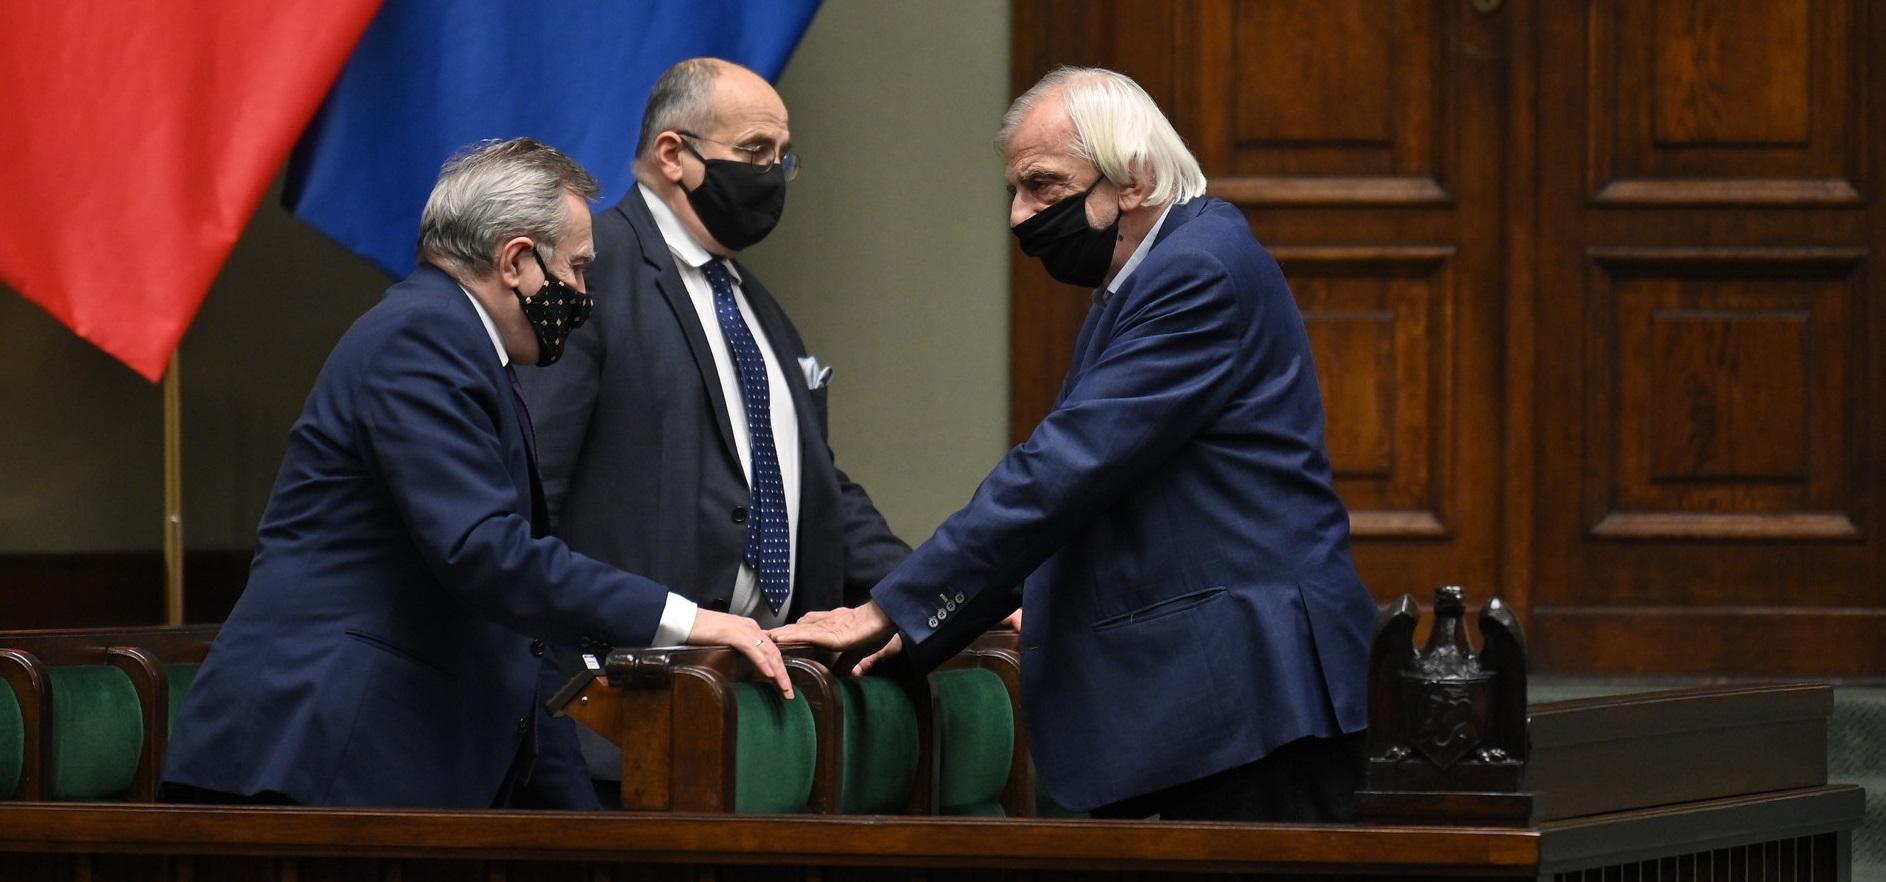 [SONDAŻ] Tylko jeden na dziesięciu Polaków popiera podwyżki dla polityków